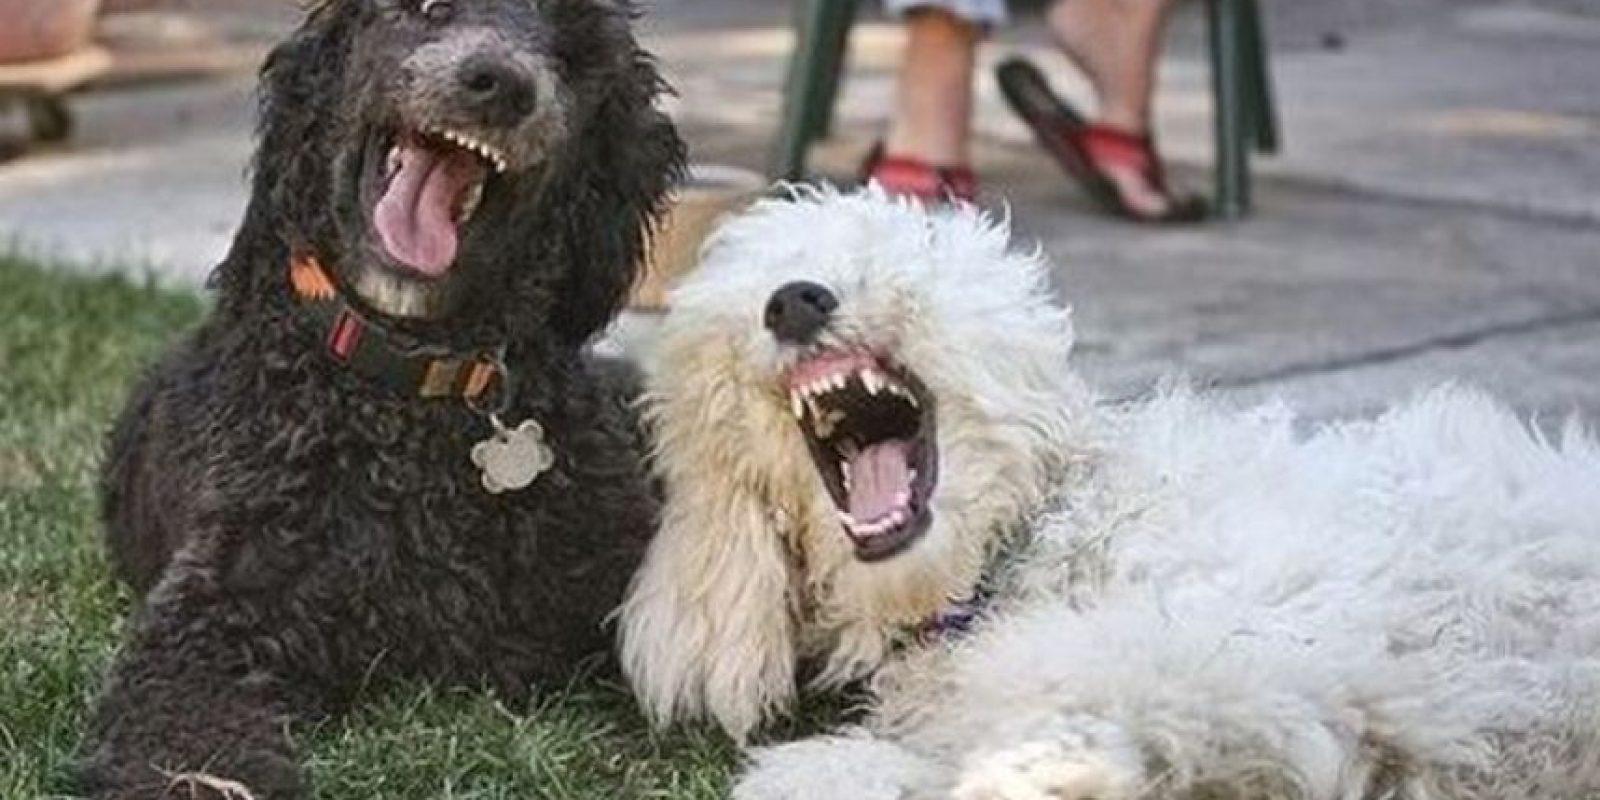 Las personas que tienen más apego a sus mascotas tienen niveles más altos de neuroticismo. Foto:Perros.facilisimo